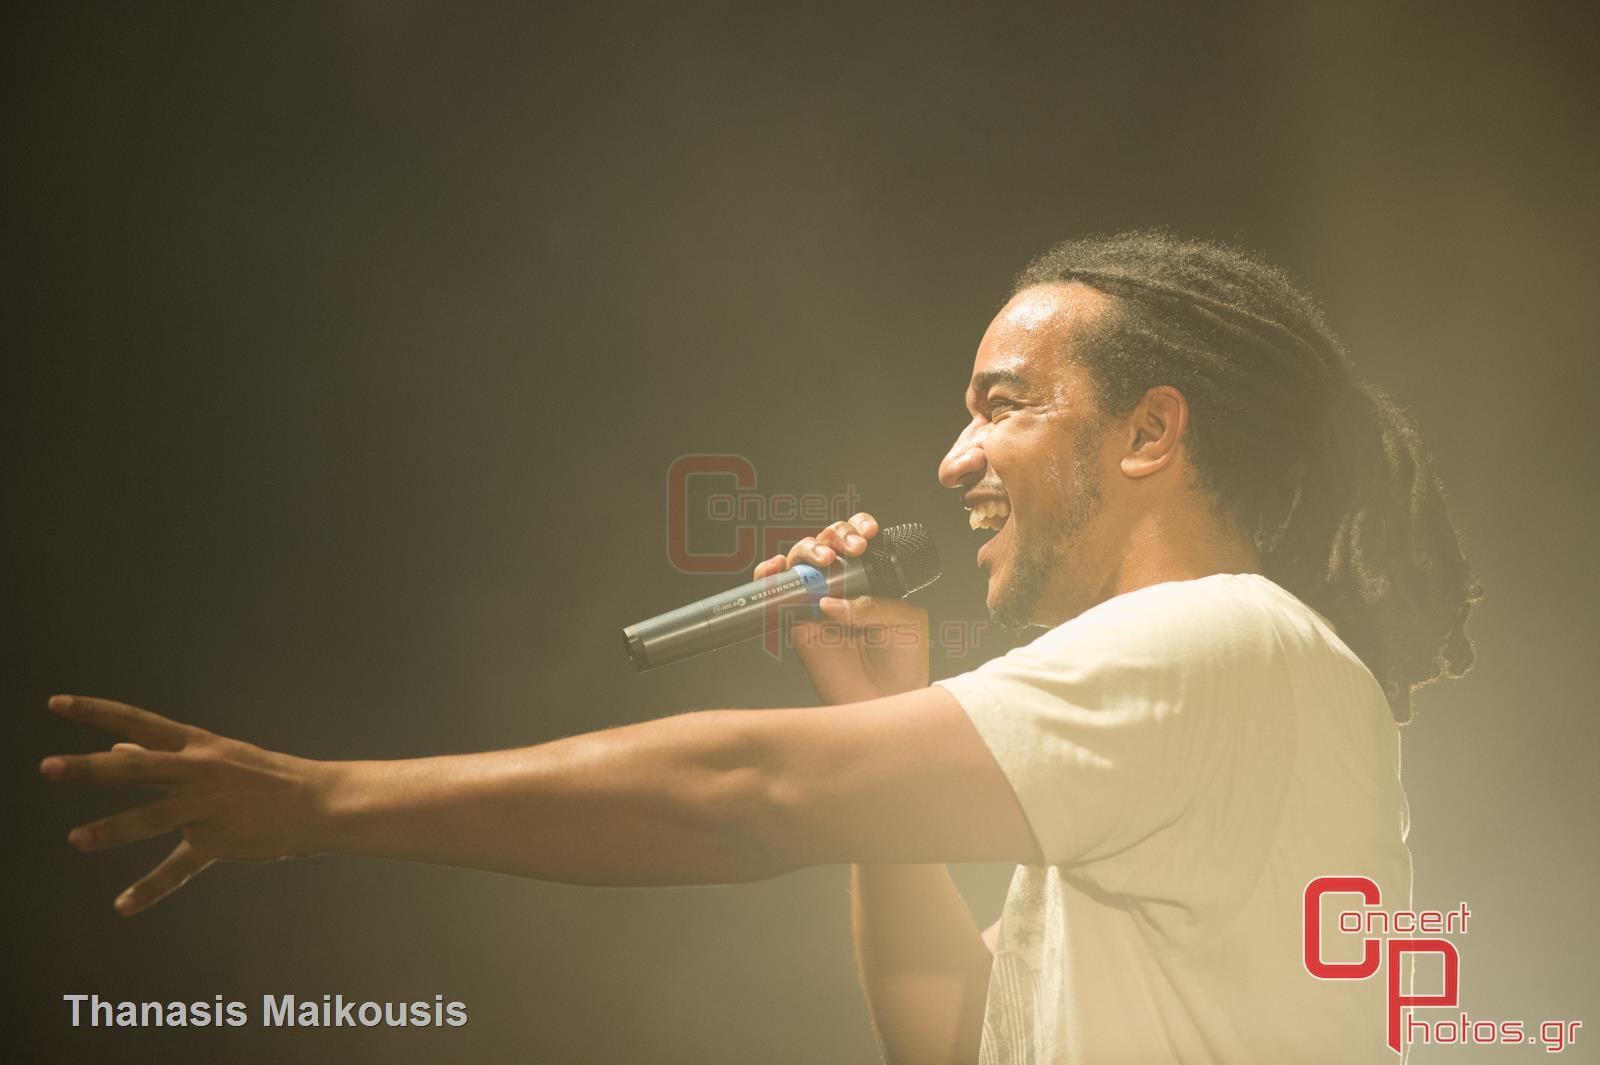 Dub Inc-Dub Inc photographer: Thanasis Maikousis - concertphotos_-5465